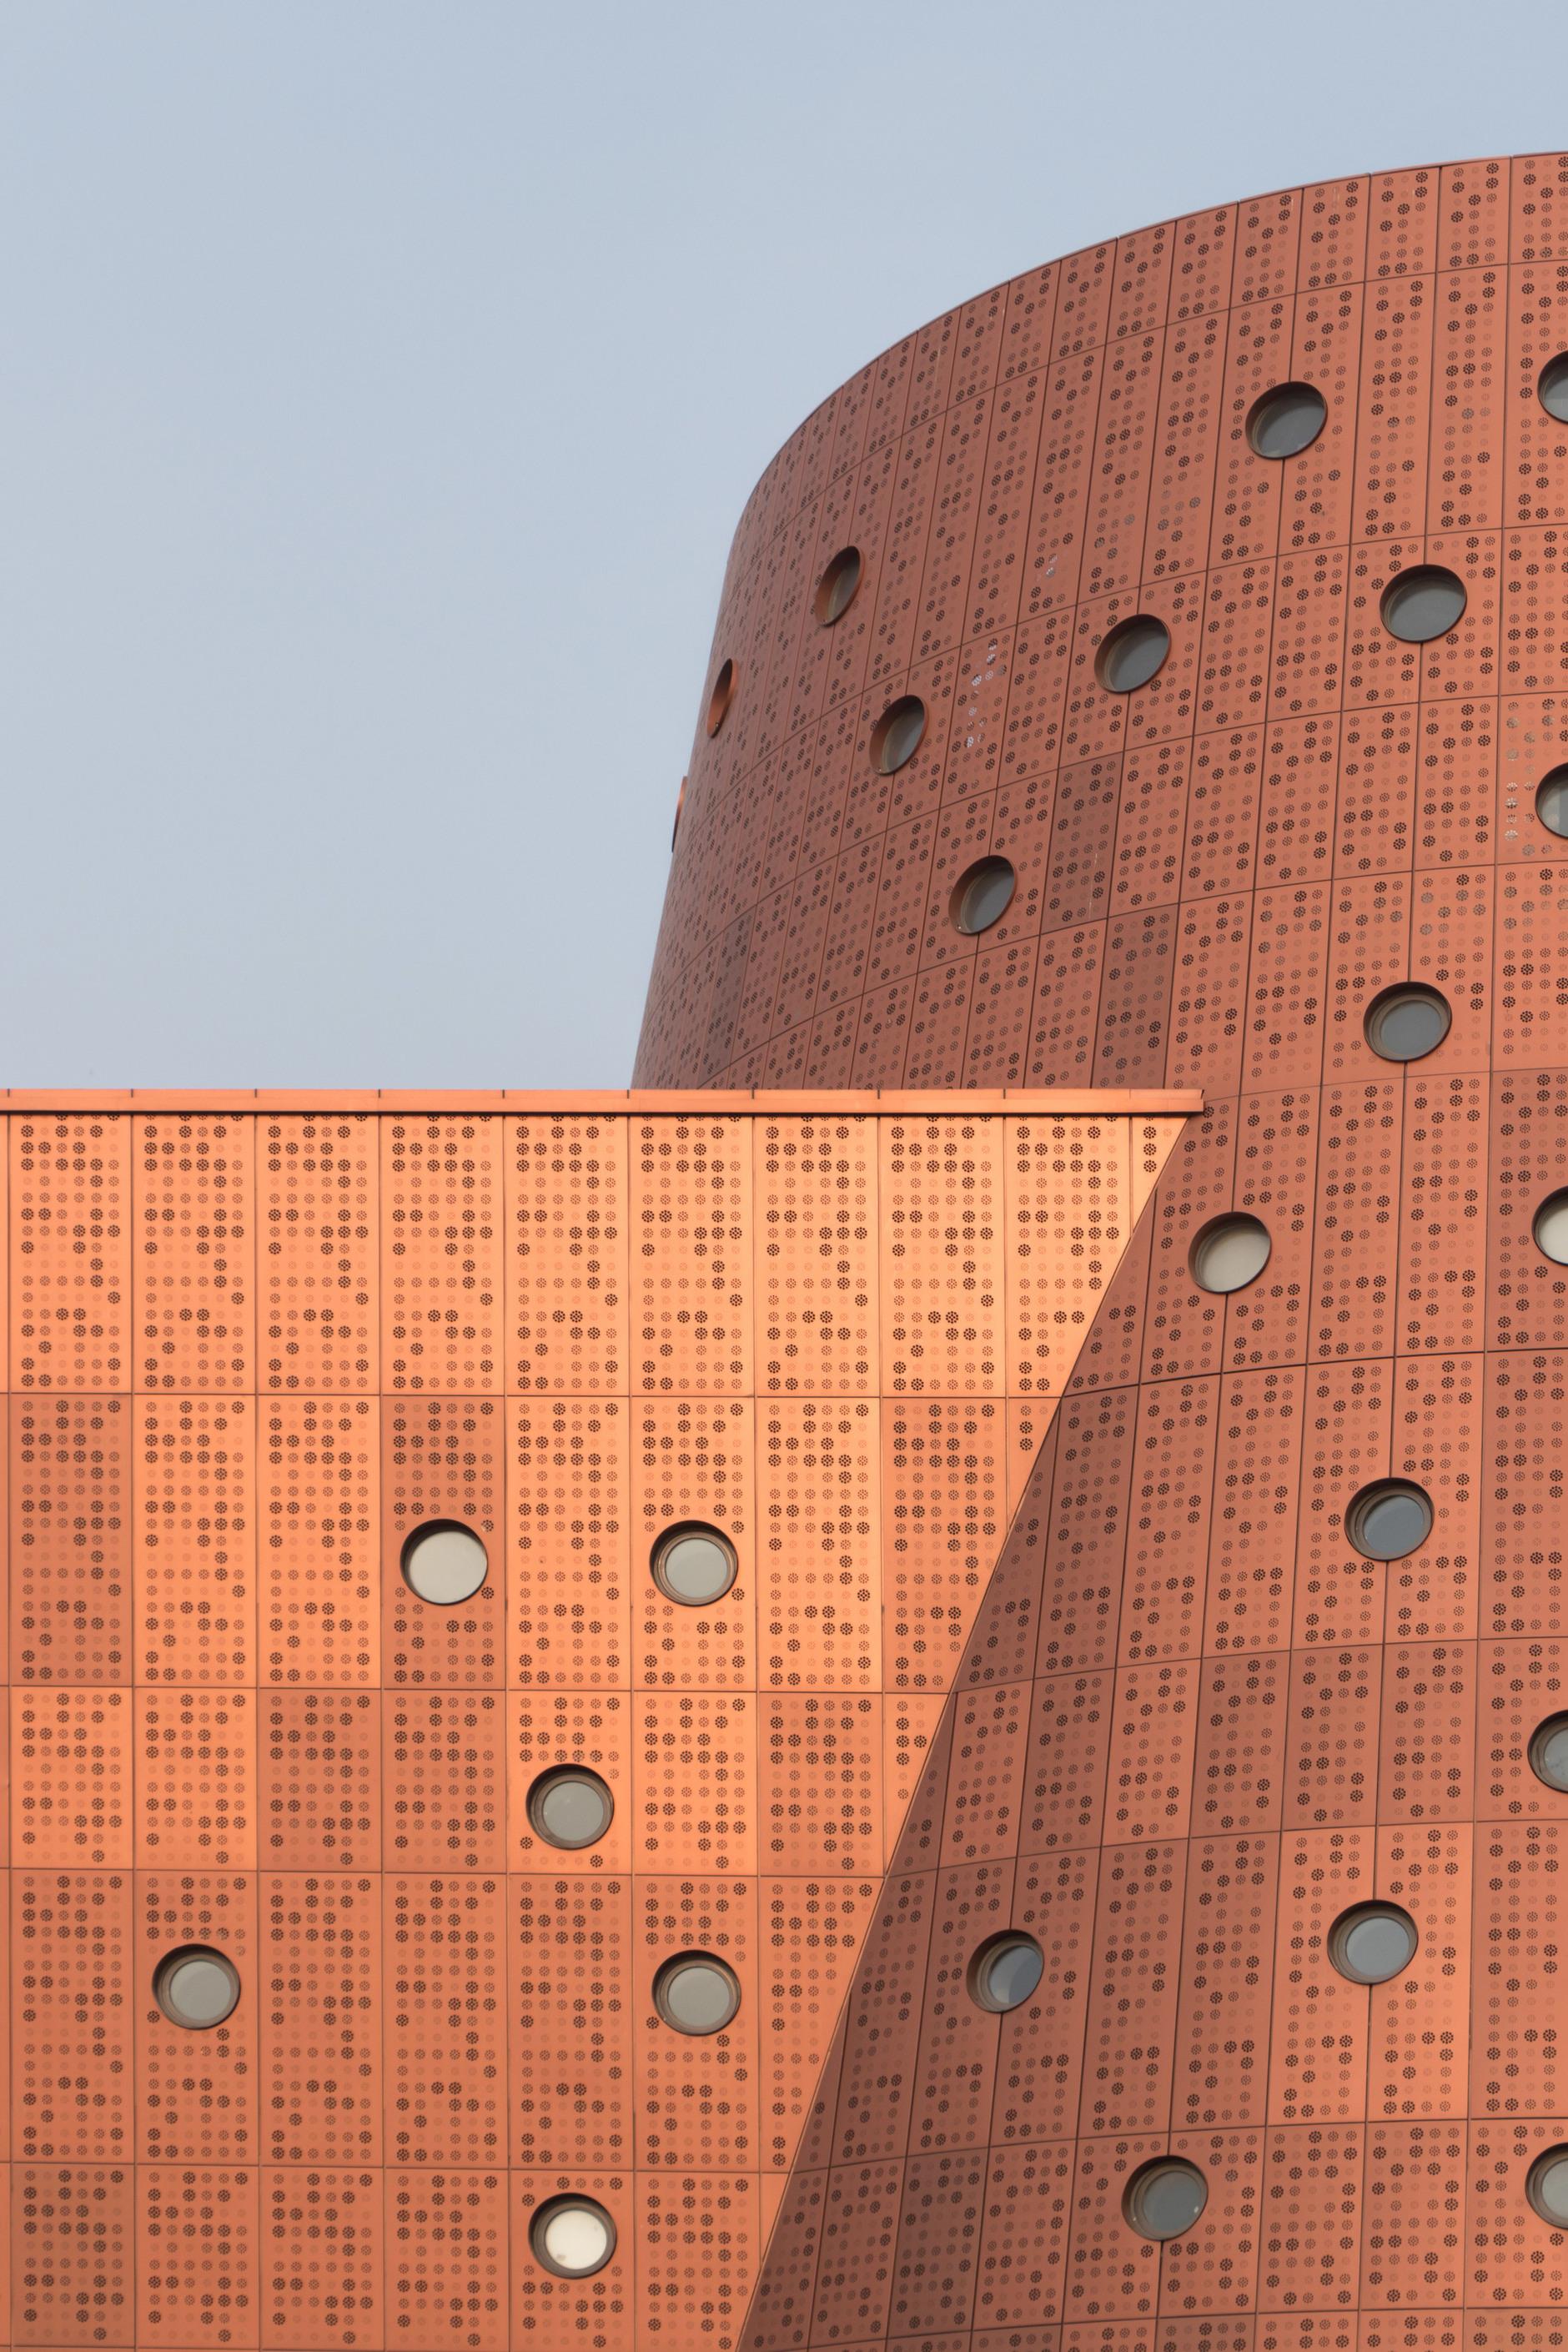 И медные трубы: новый музей по проекту Бернара Чуми в Китае (галерея 6, фото 1)